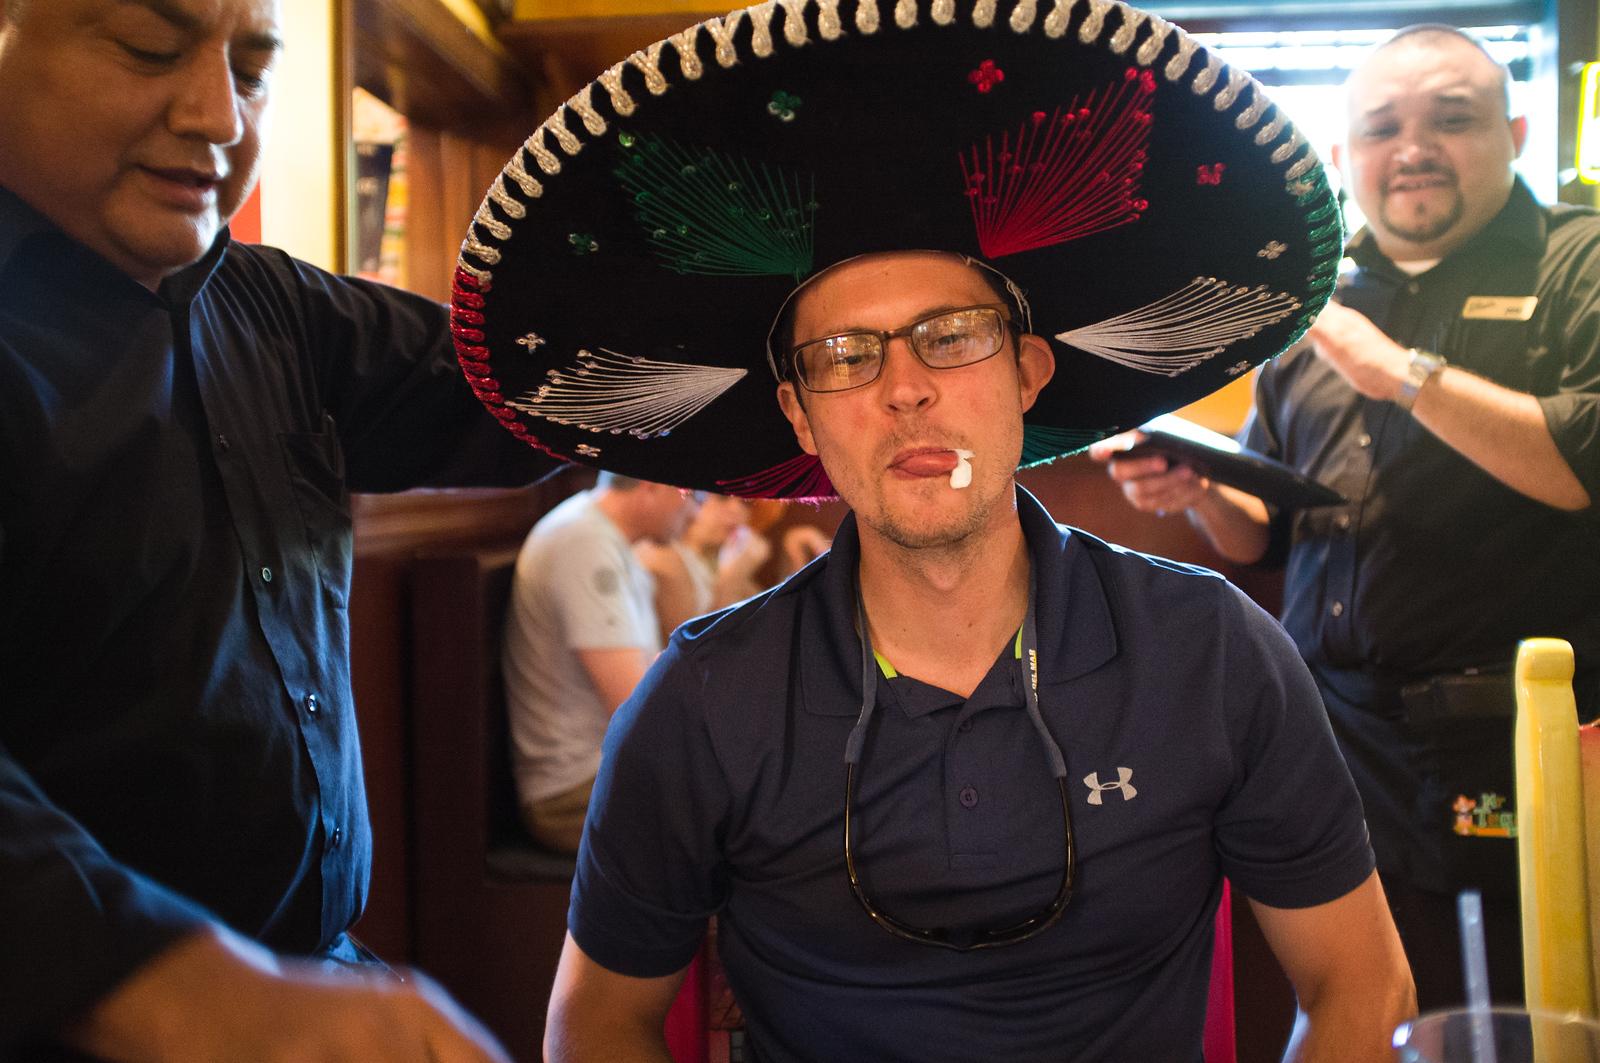 Matt's Birthday Extravaganza at Mr. Tequila's